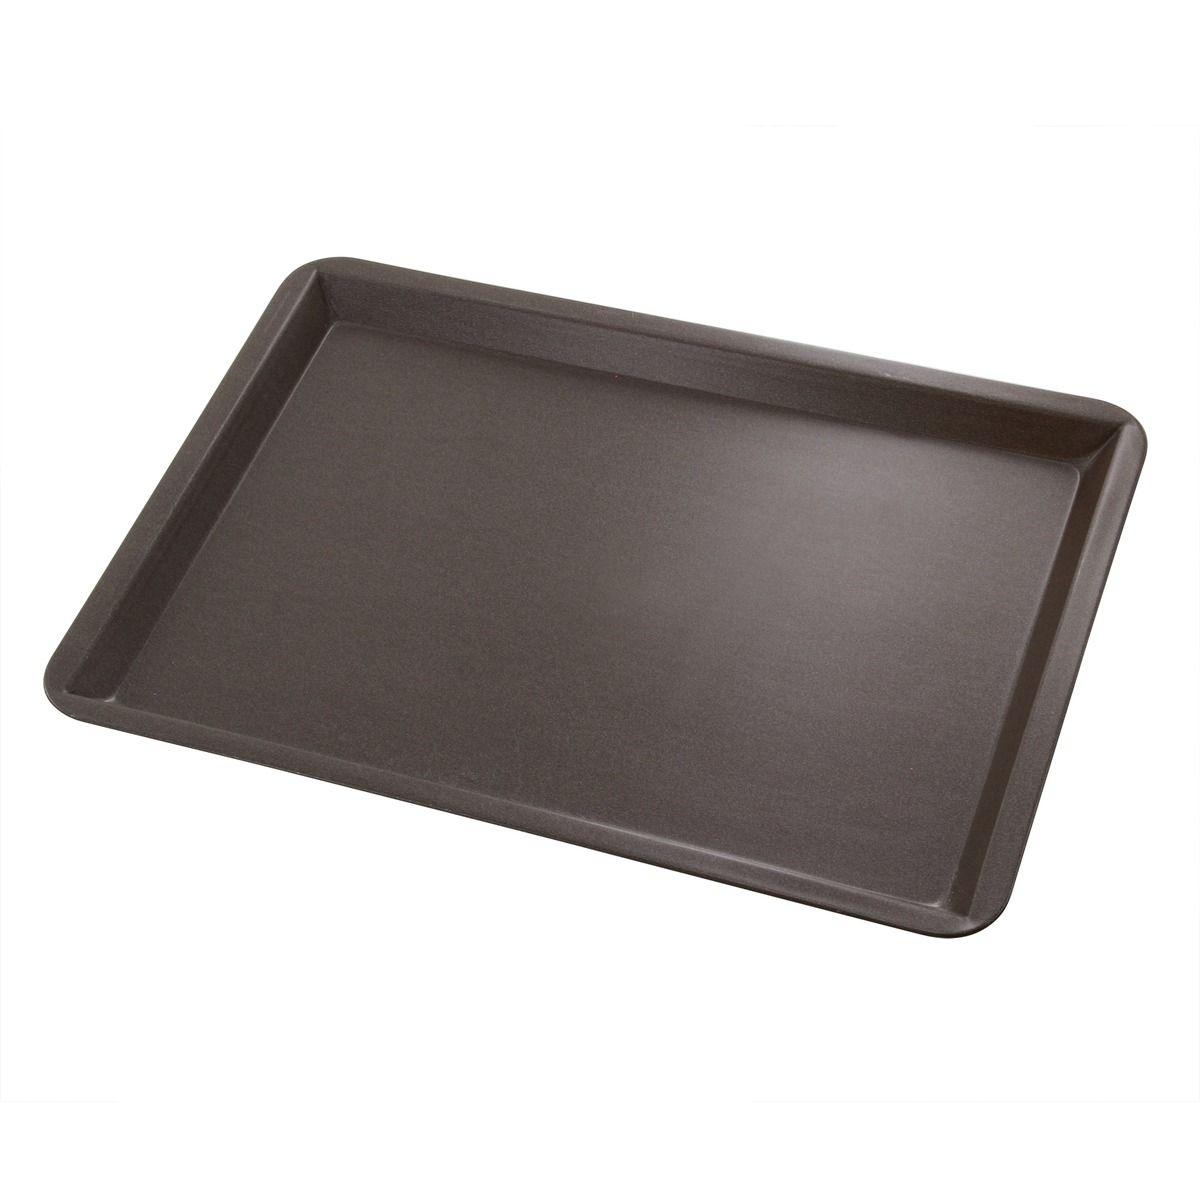 Plaque pâtissière avec rebords en métal anti adhérent 37 x 27 cm - Alice Délice